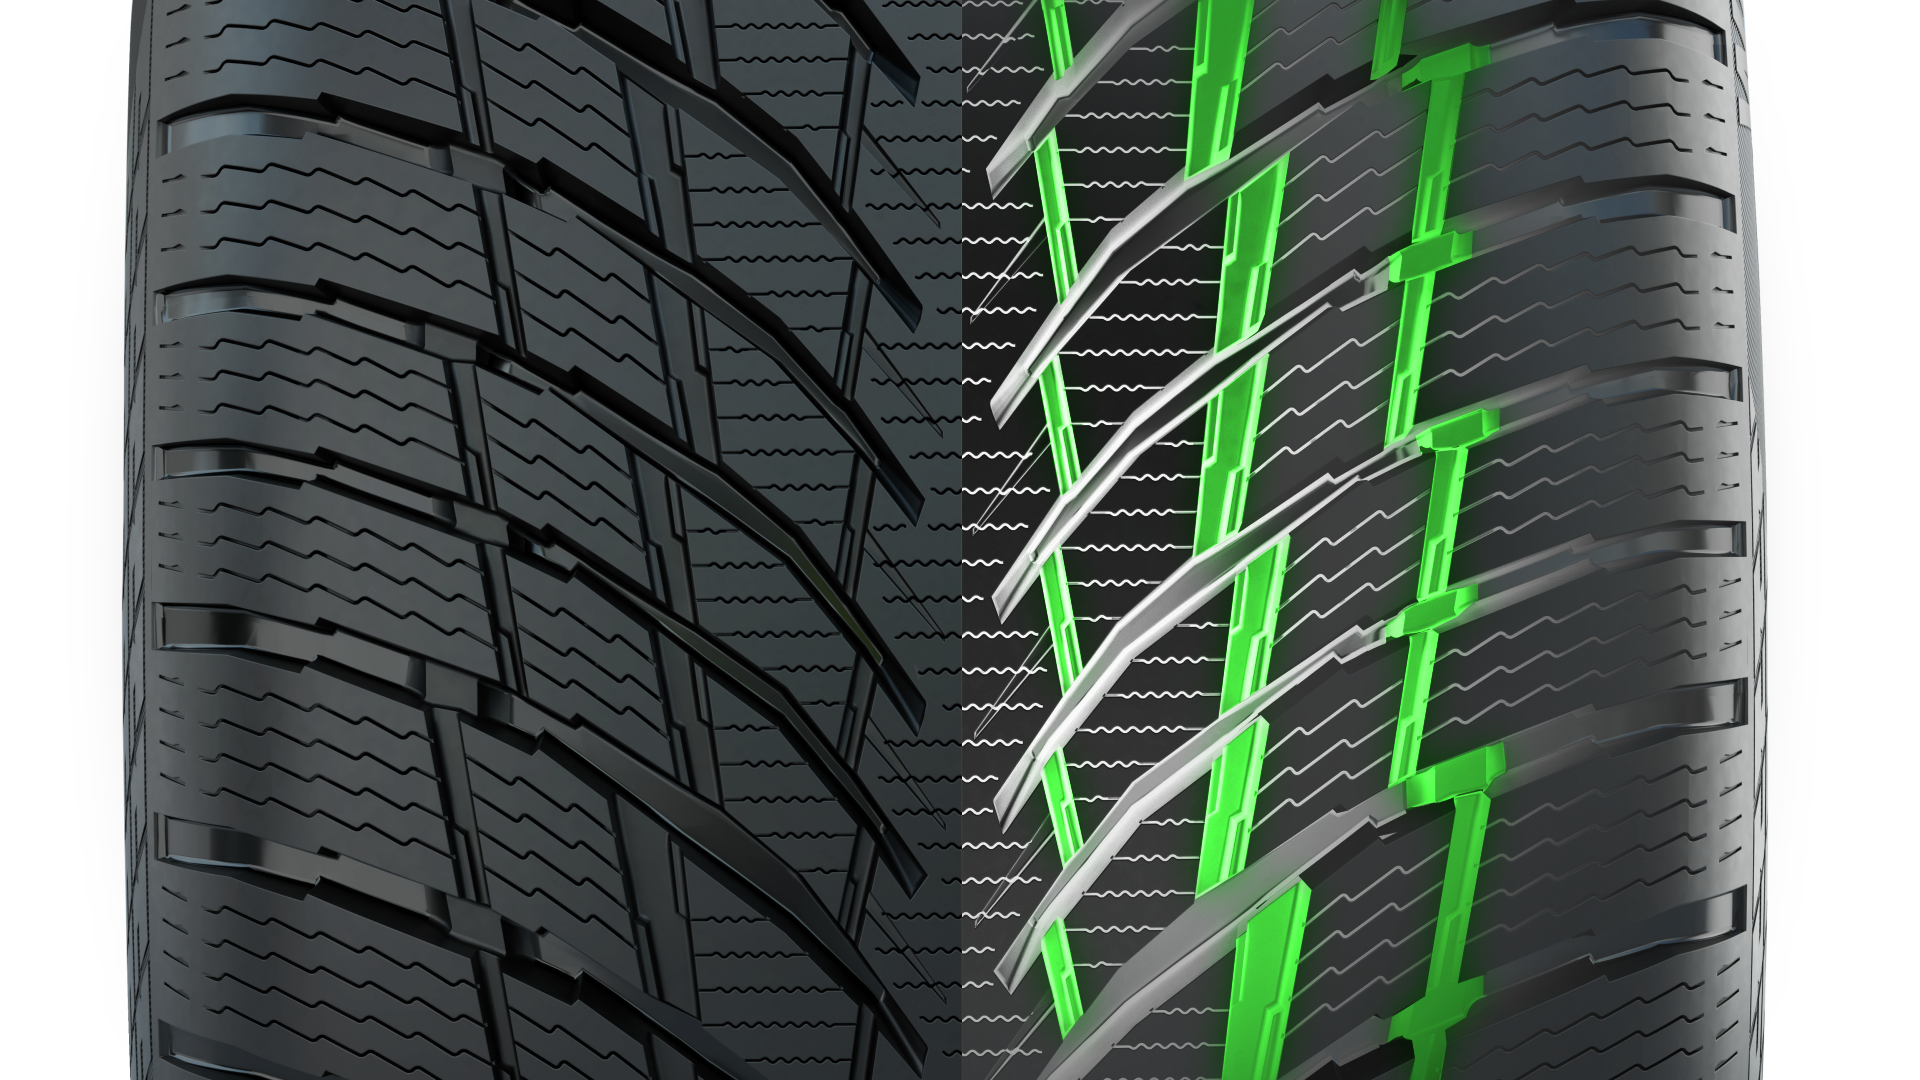 Матричная поддержка блоков протектора гарантирует предсказуемое поведение автомобиля на дороге